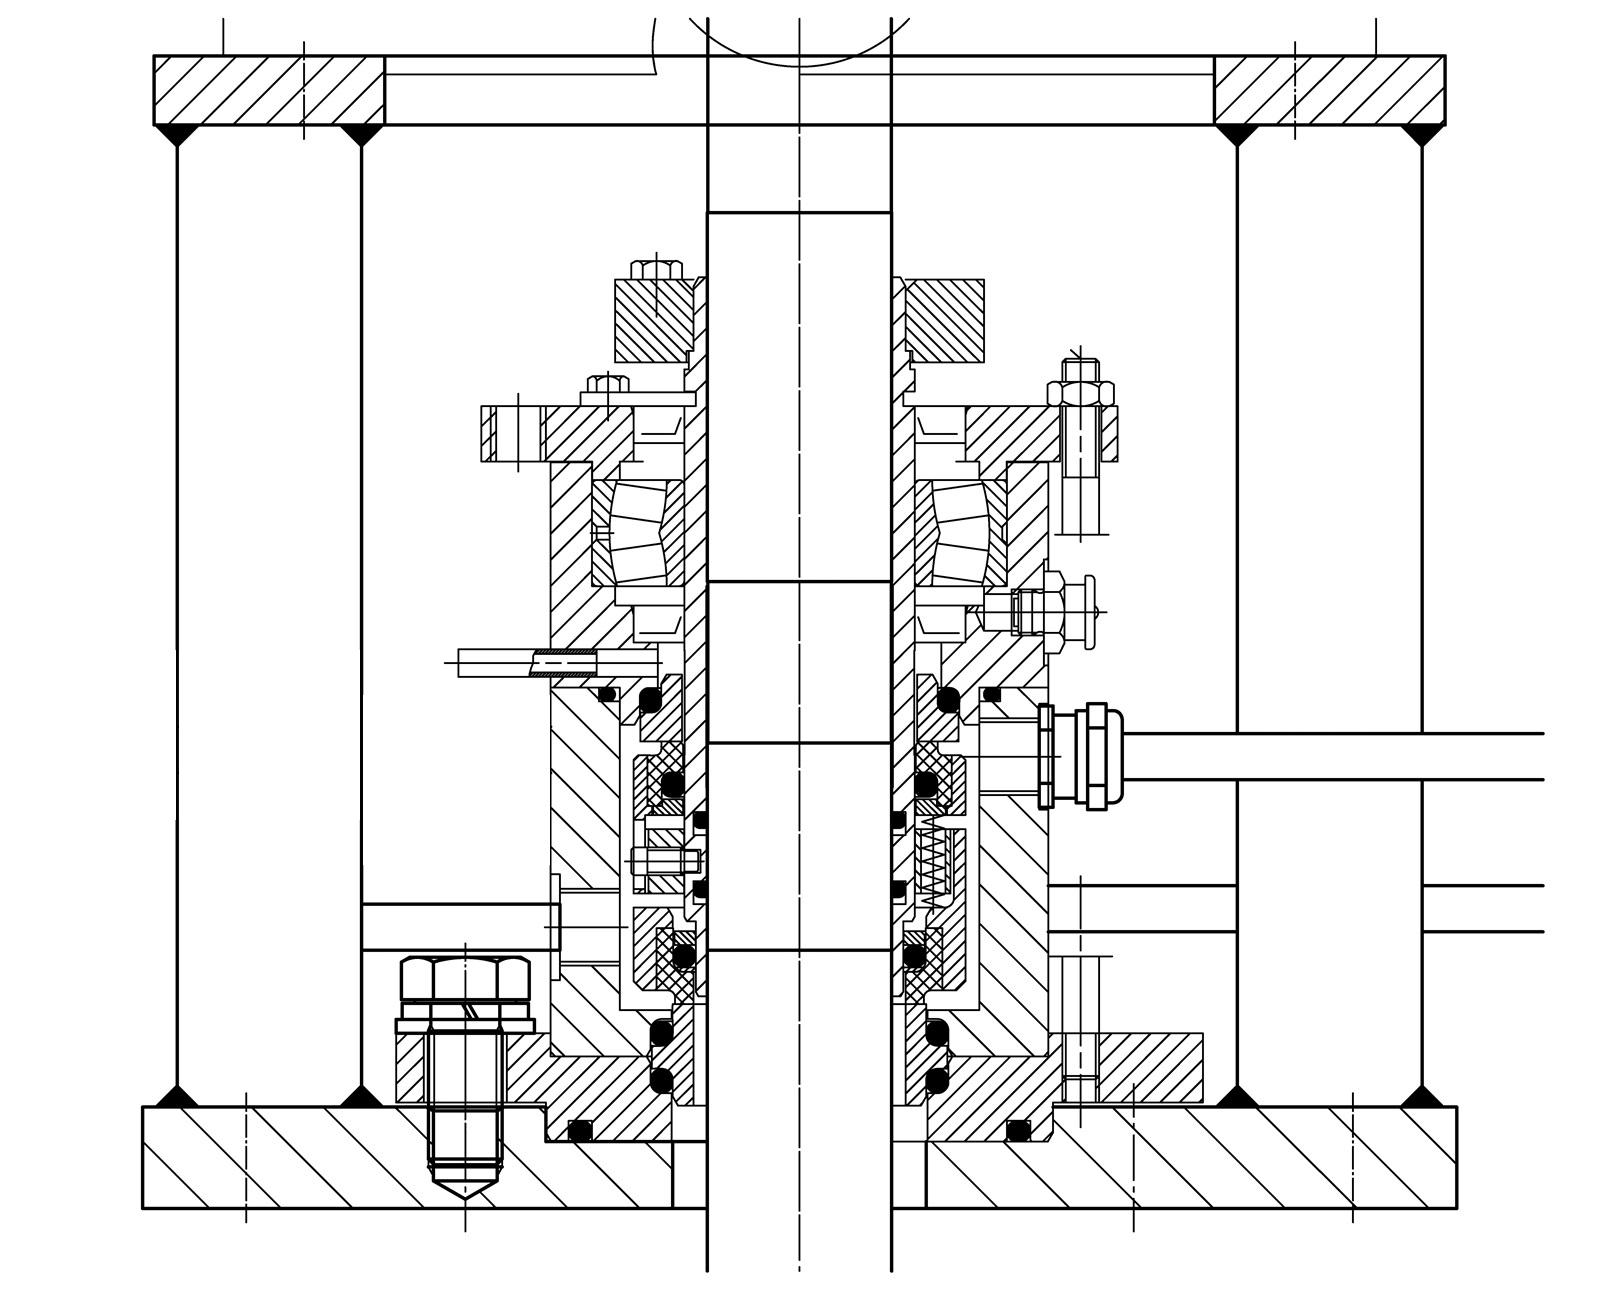 mediumsgeschmirte Doppeltwirkende Gleitringdichtung mit integrierter Lagerung